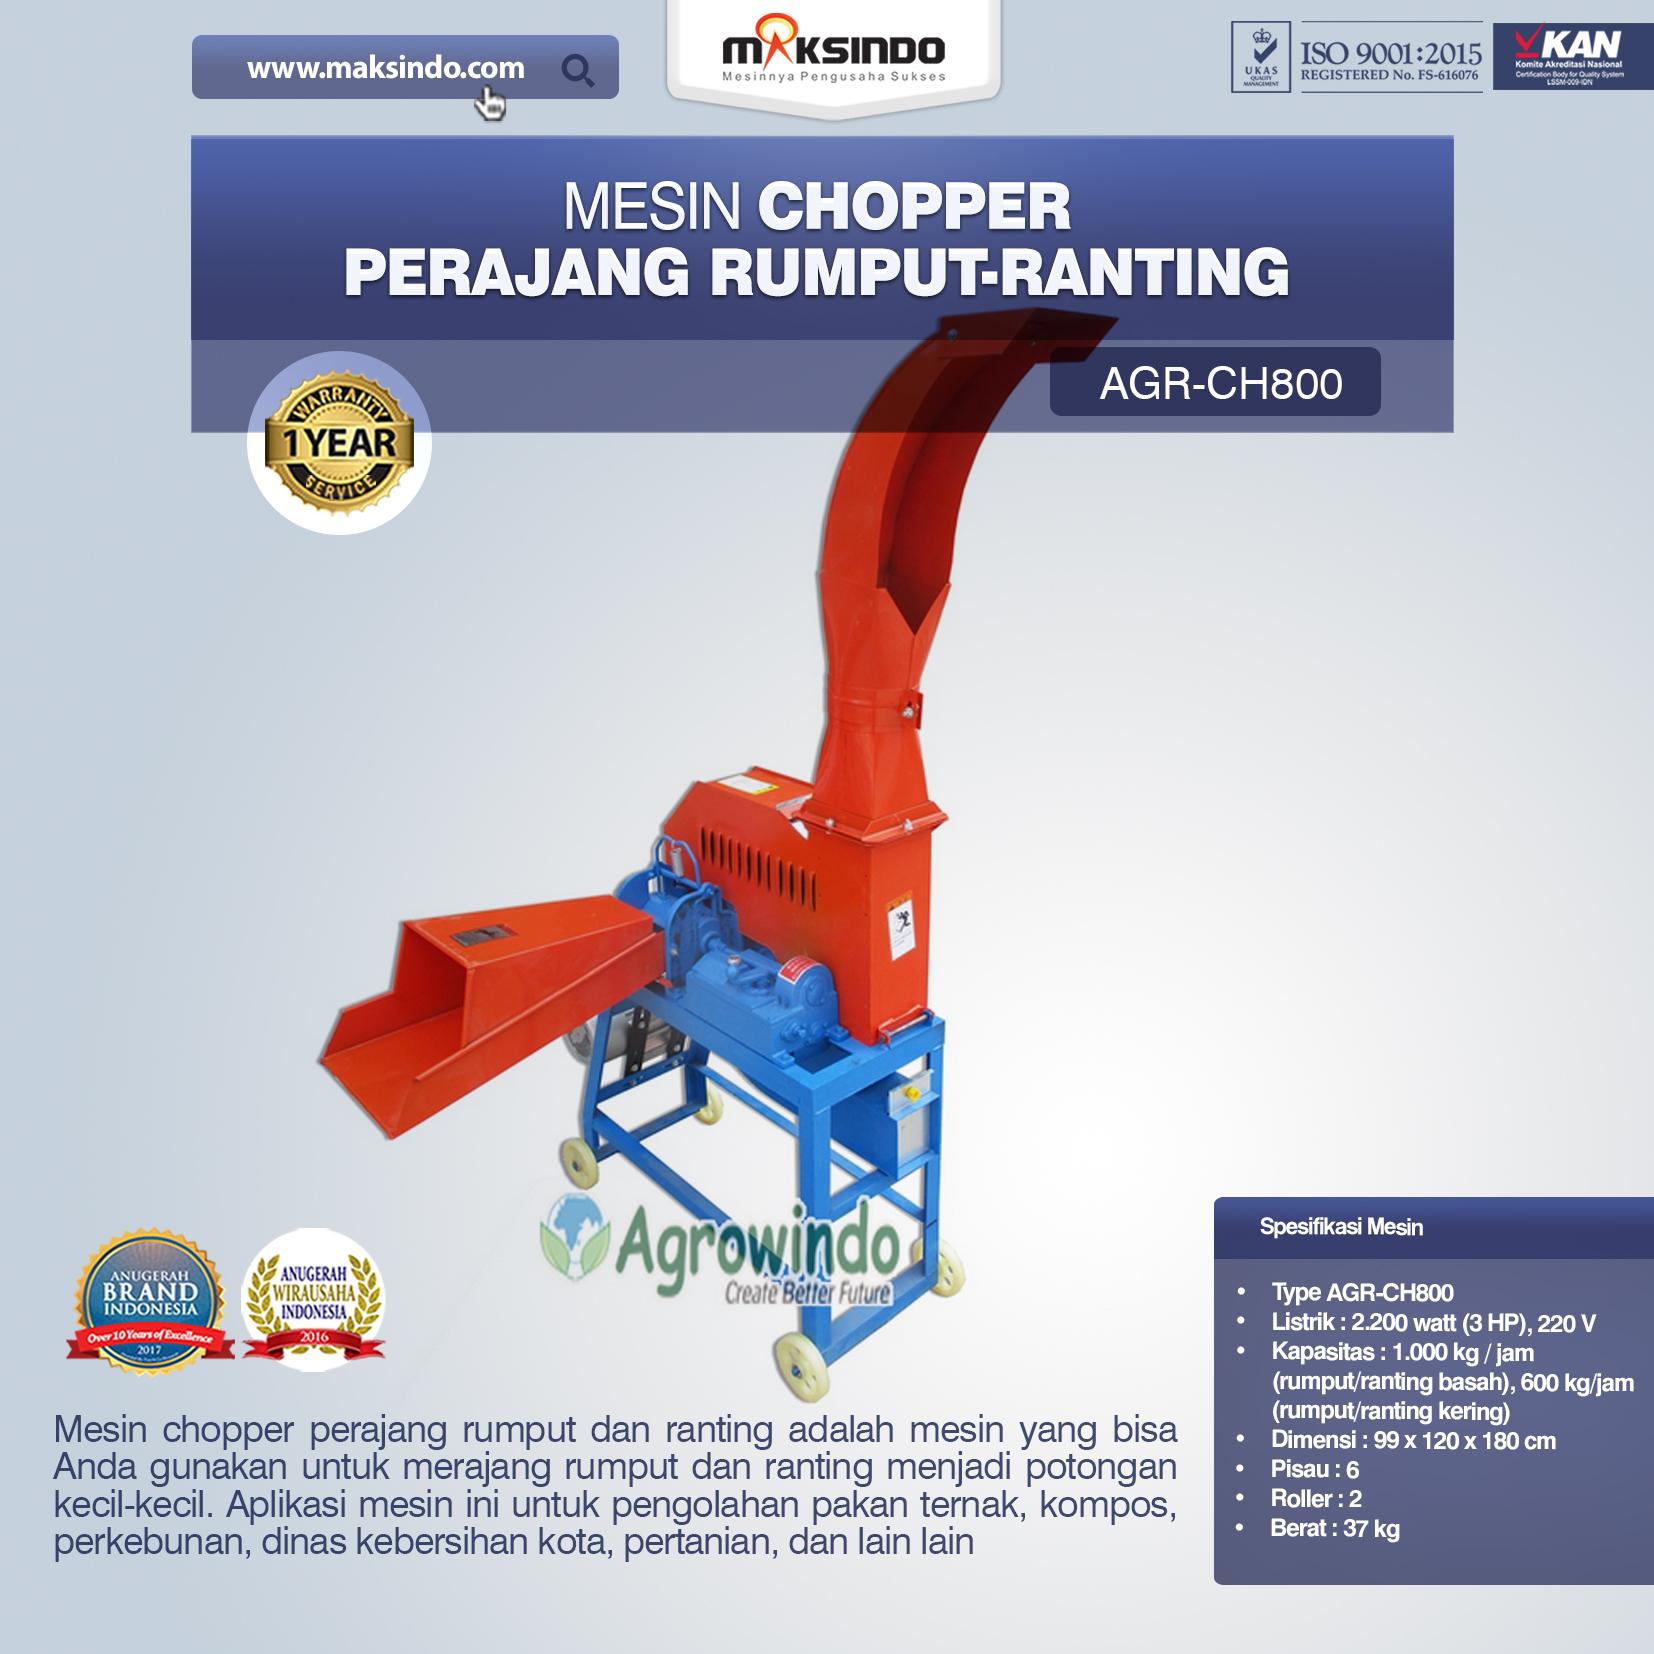 Jual Mesin Chopper Perajang Rumput-Ranting AGR CH800 di Solo